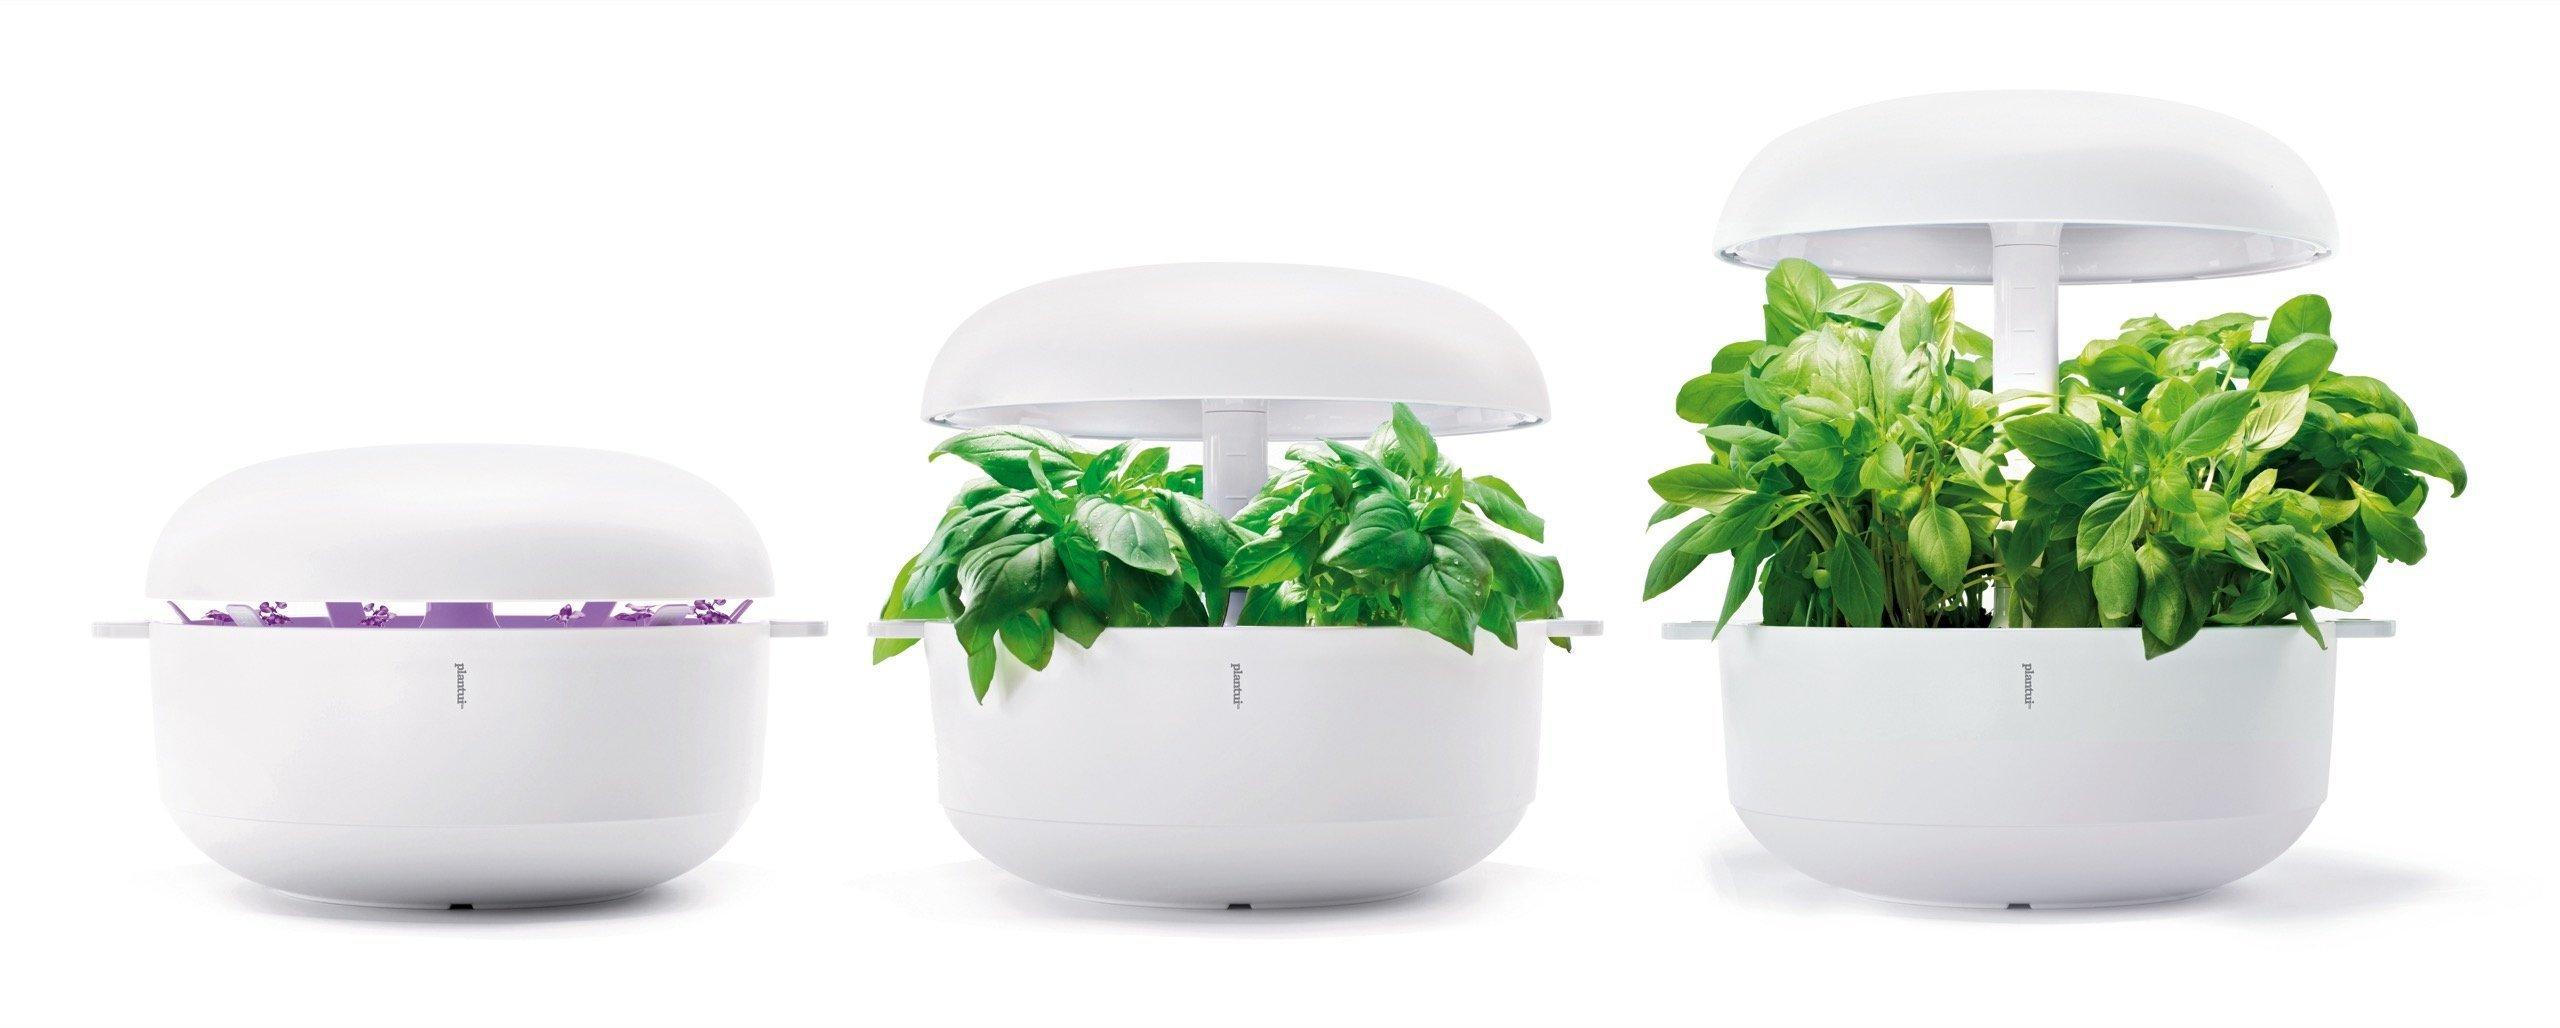 Jedním z velmi populárních trendů v oblasti pěstování rostlin v bytě, v domě nebo na terase jsou hydroponické zahrádky, které jsou jak praktické tak designové.